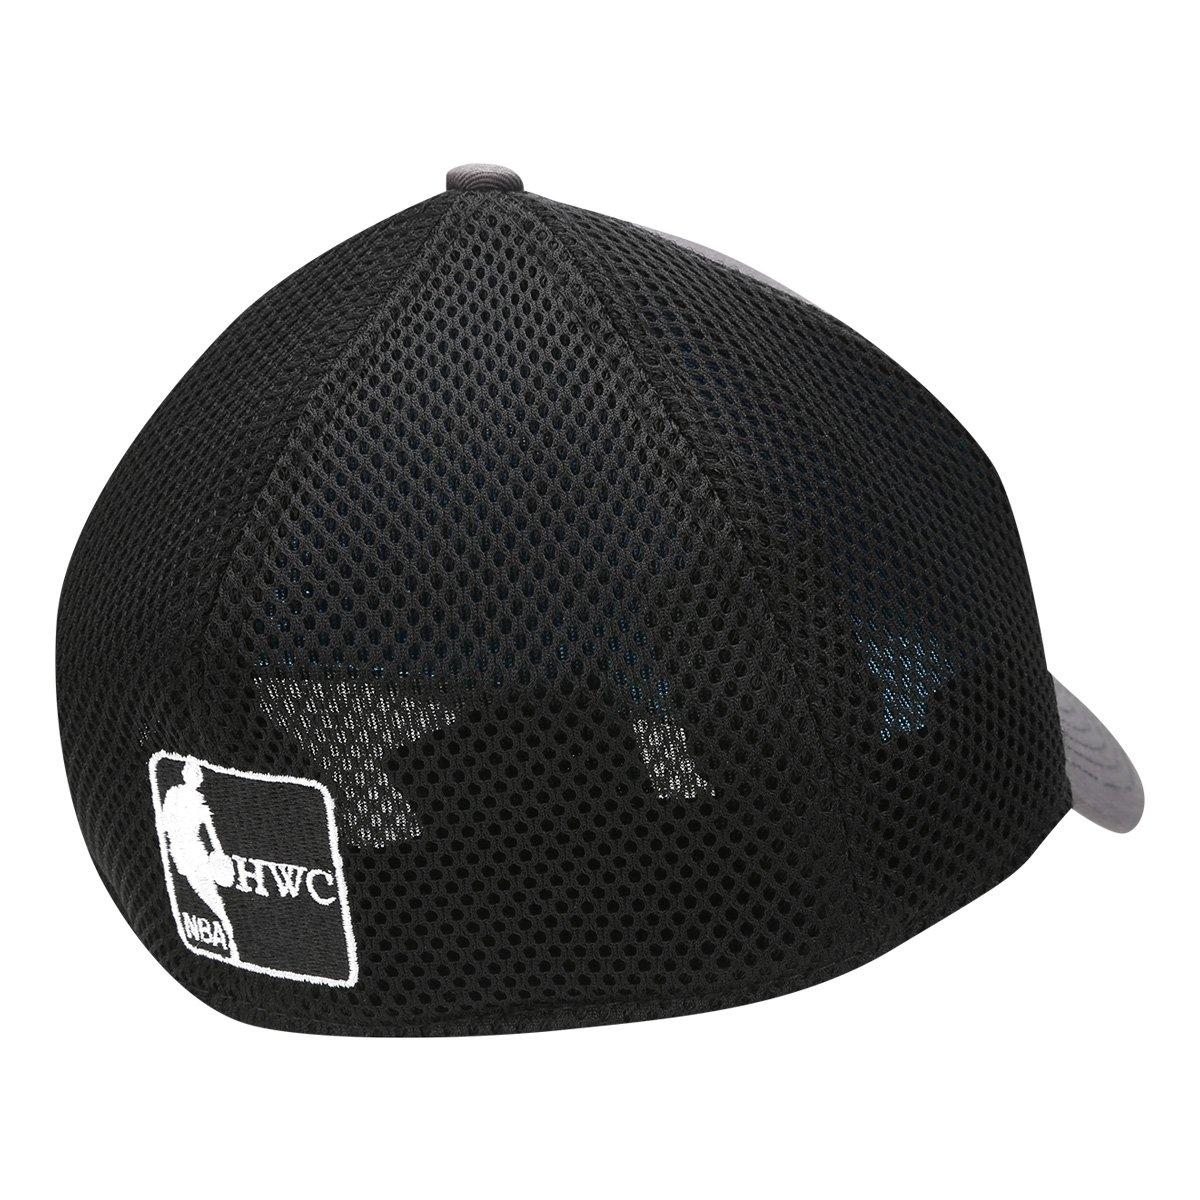 Boné New Era NBA New York Knicks Aba Curva 3930 Neo - Cinza e Preto ... 39057e6ce52